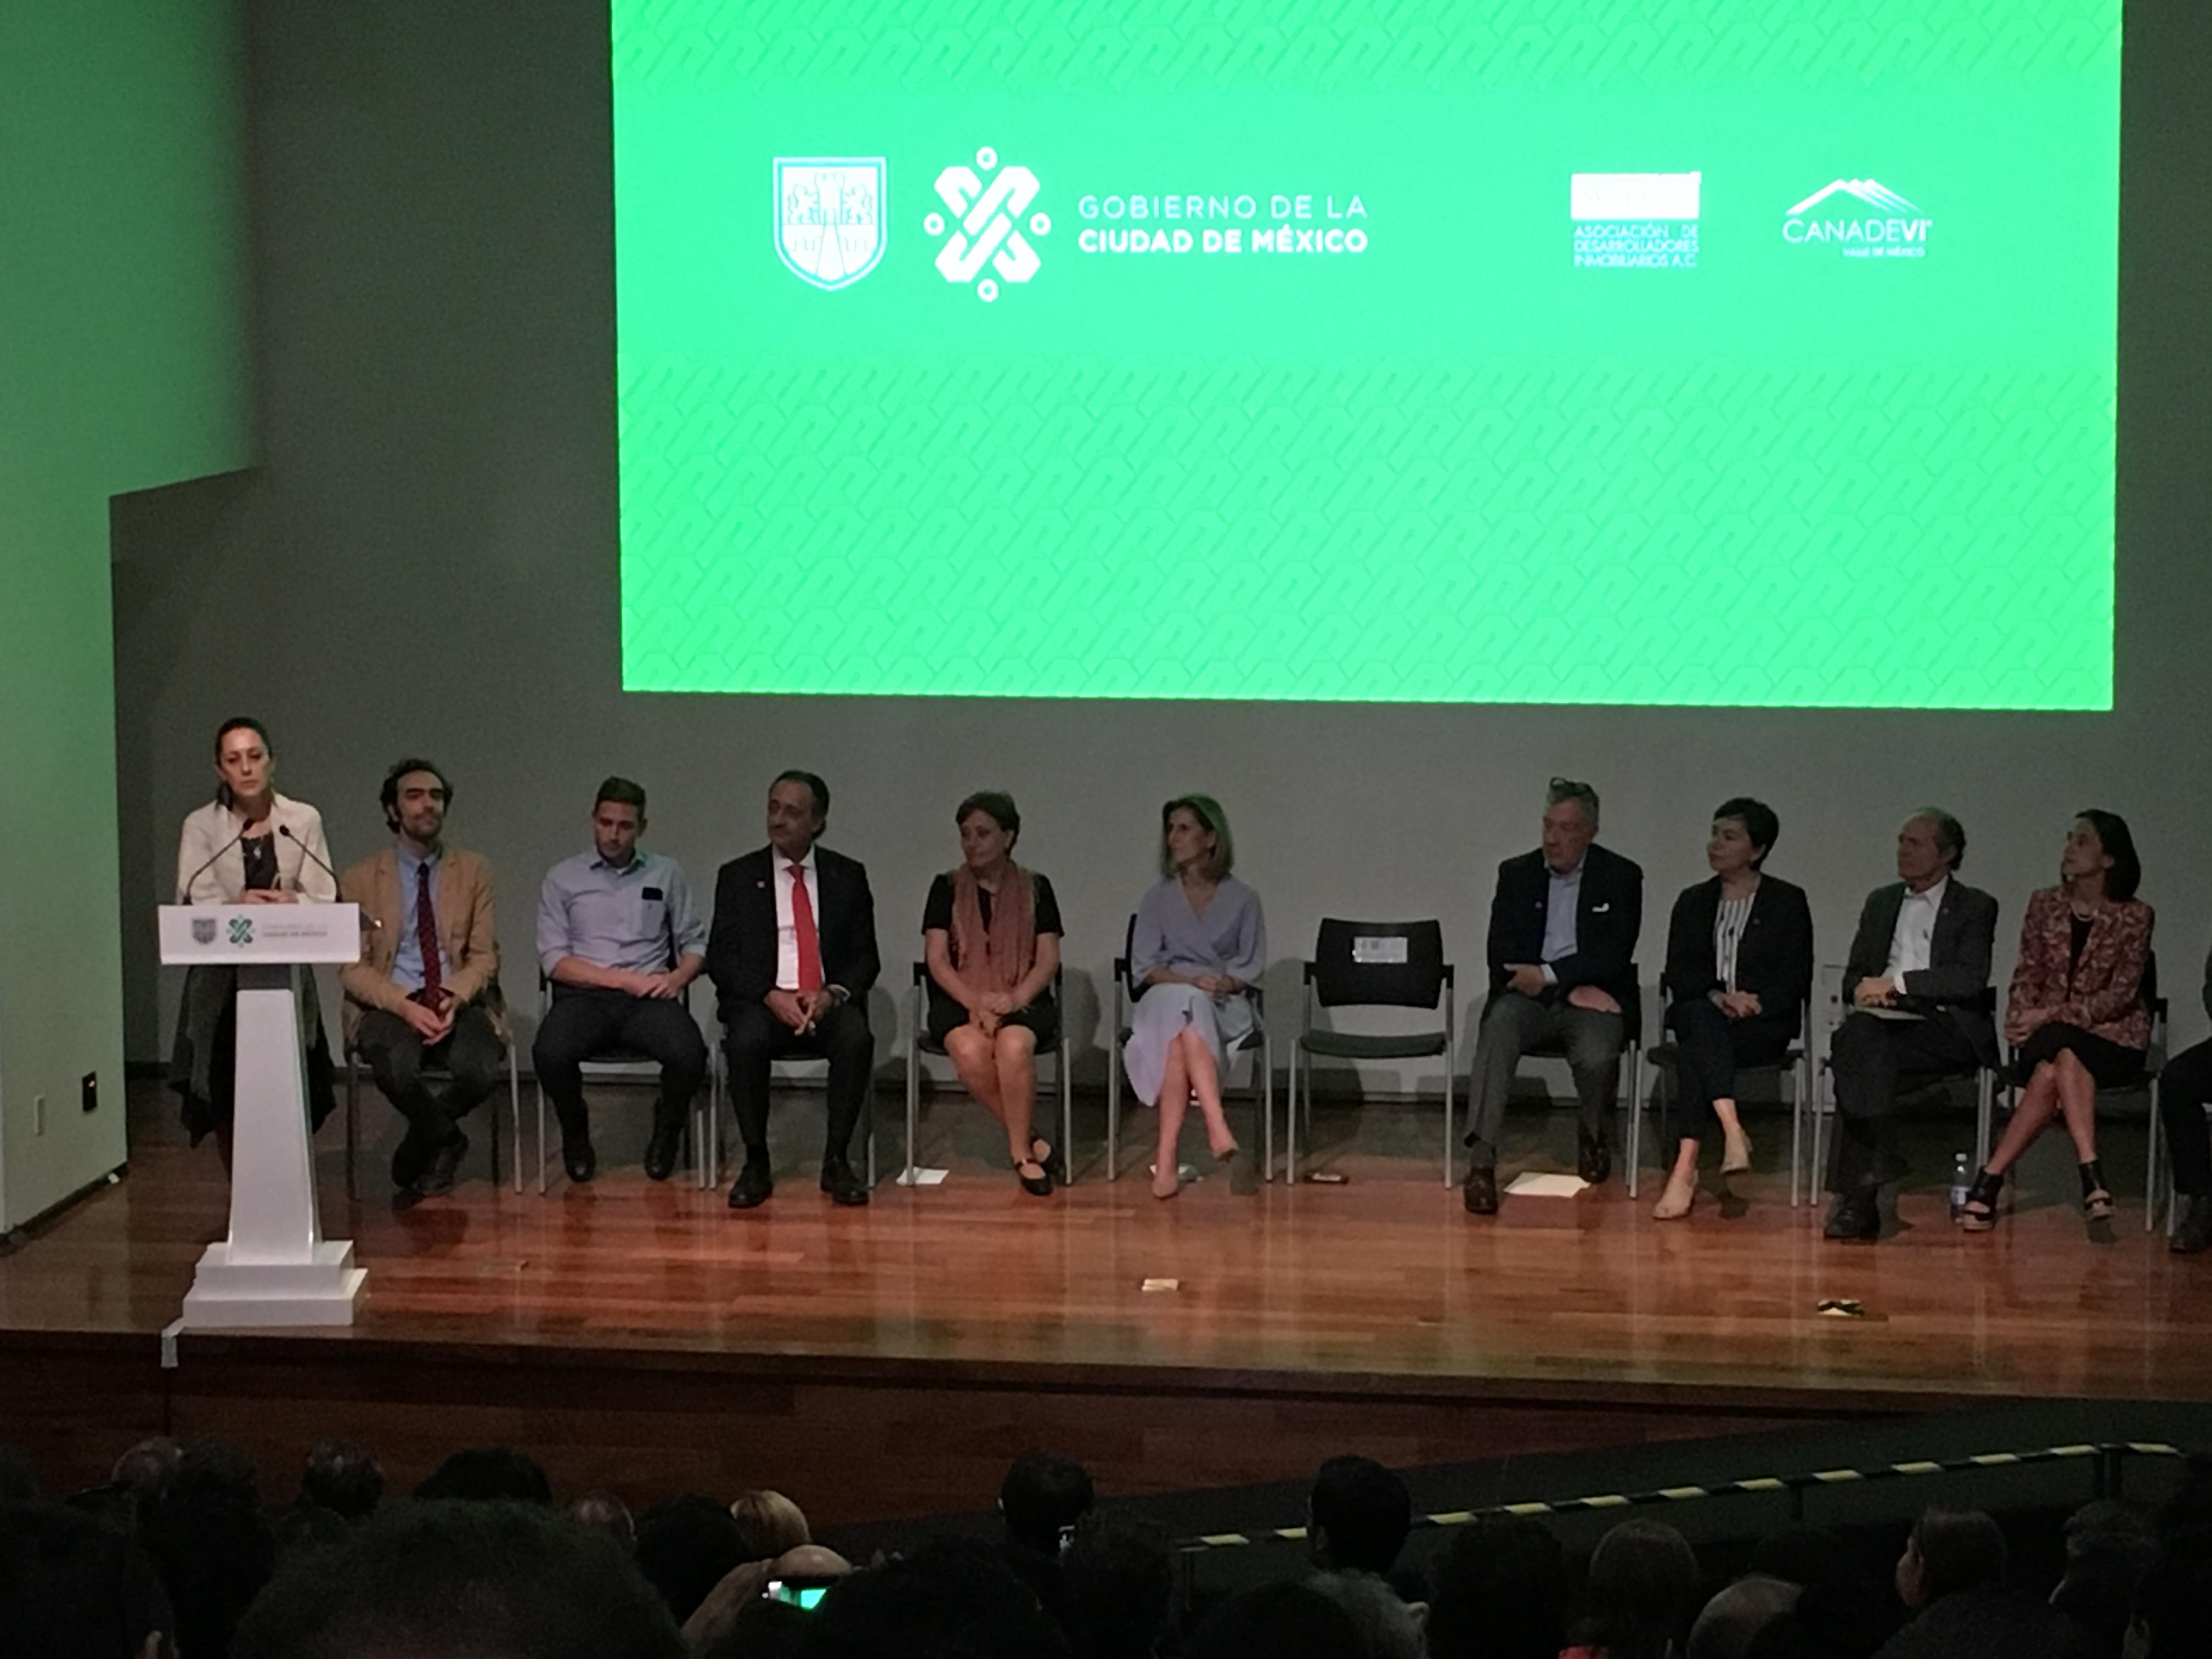 Presentan proyecto inmobiliario para 11 corredores en CDMX